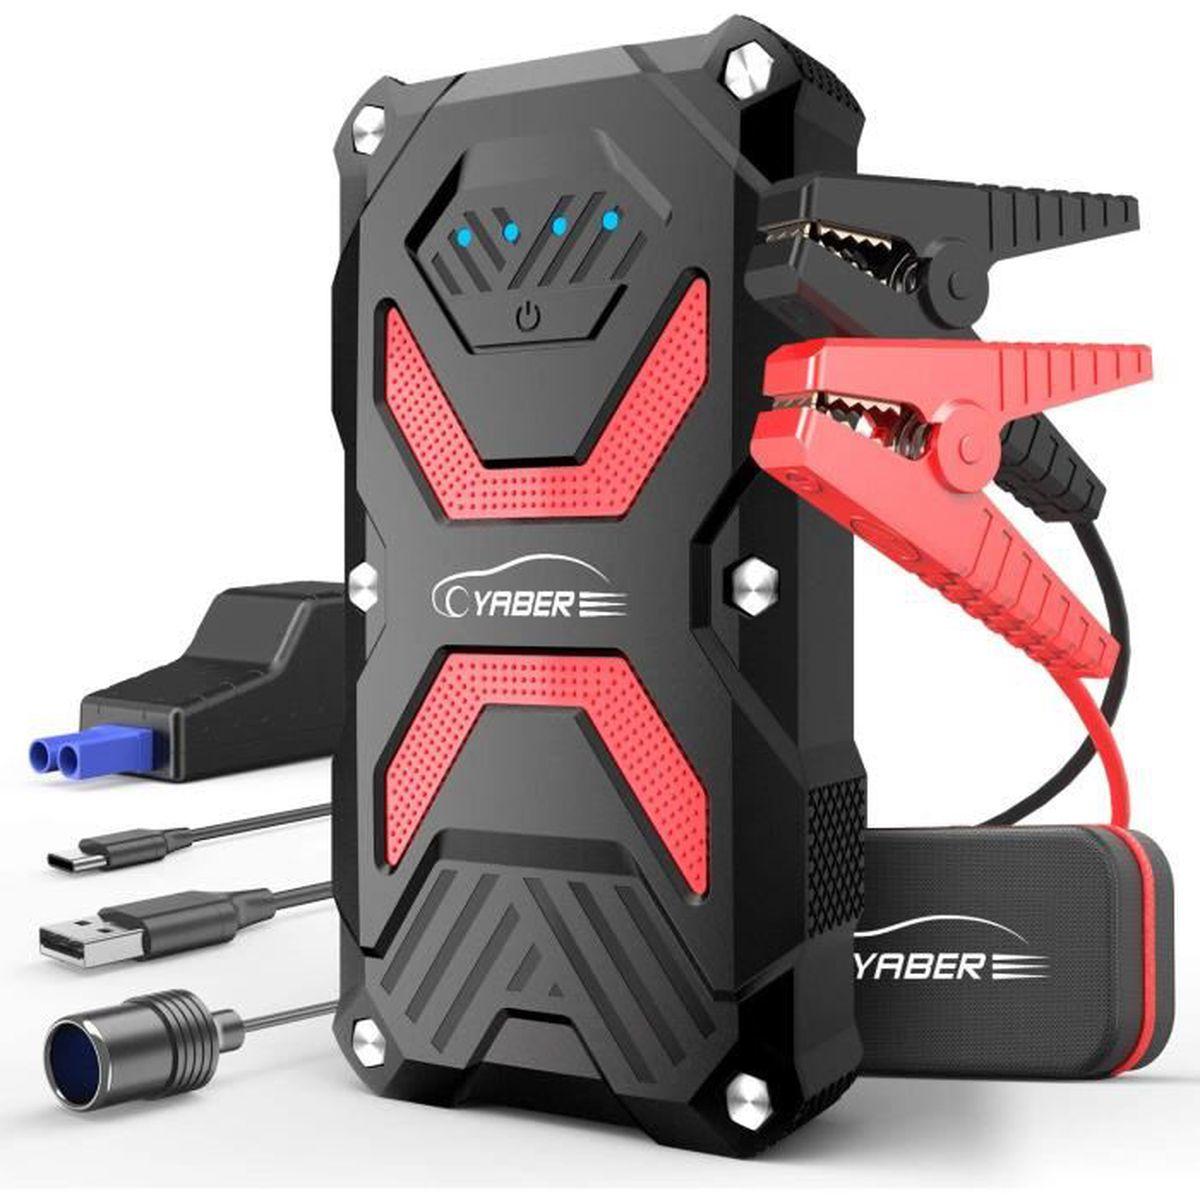 pour V/éhicules Disel ou Essence 7L avec Batterie 12V 1 Port Quick Charge 3.0 et 2 Ports iSmart, Lampe Torche de Secours D/émarreur de Voiture 14000mAh 1000A RAVPower Jump Starter et Booster Batterie